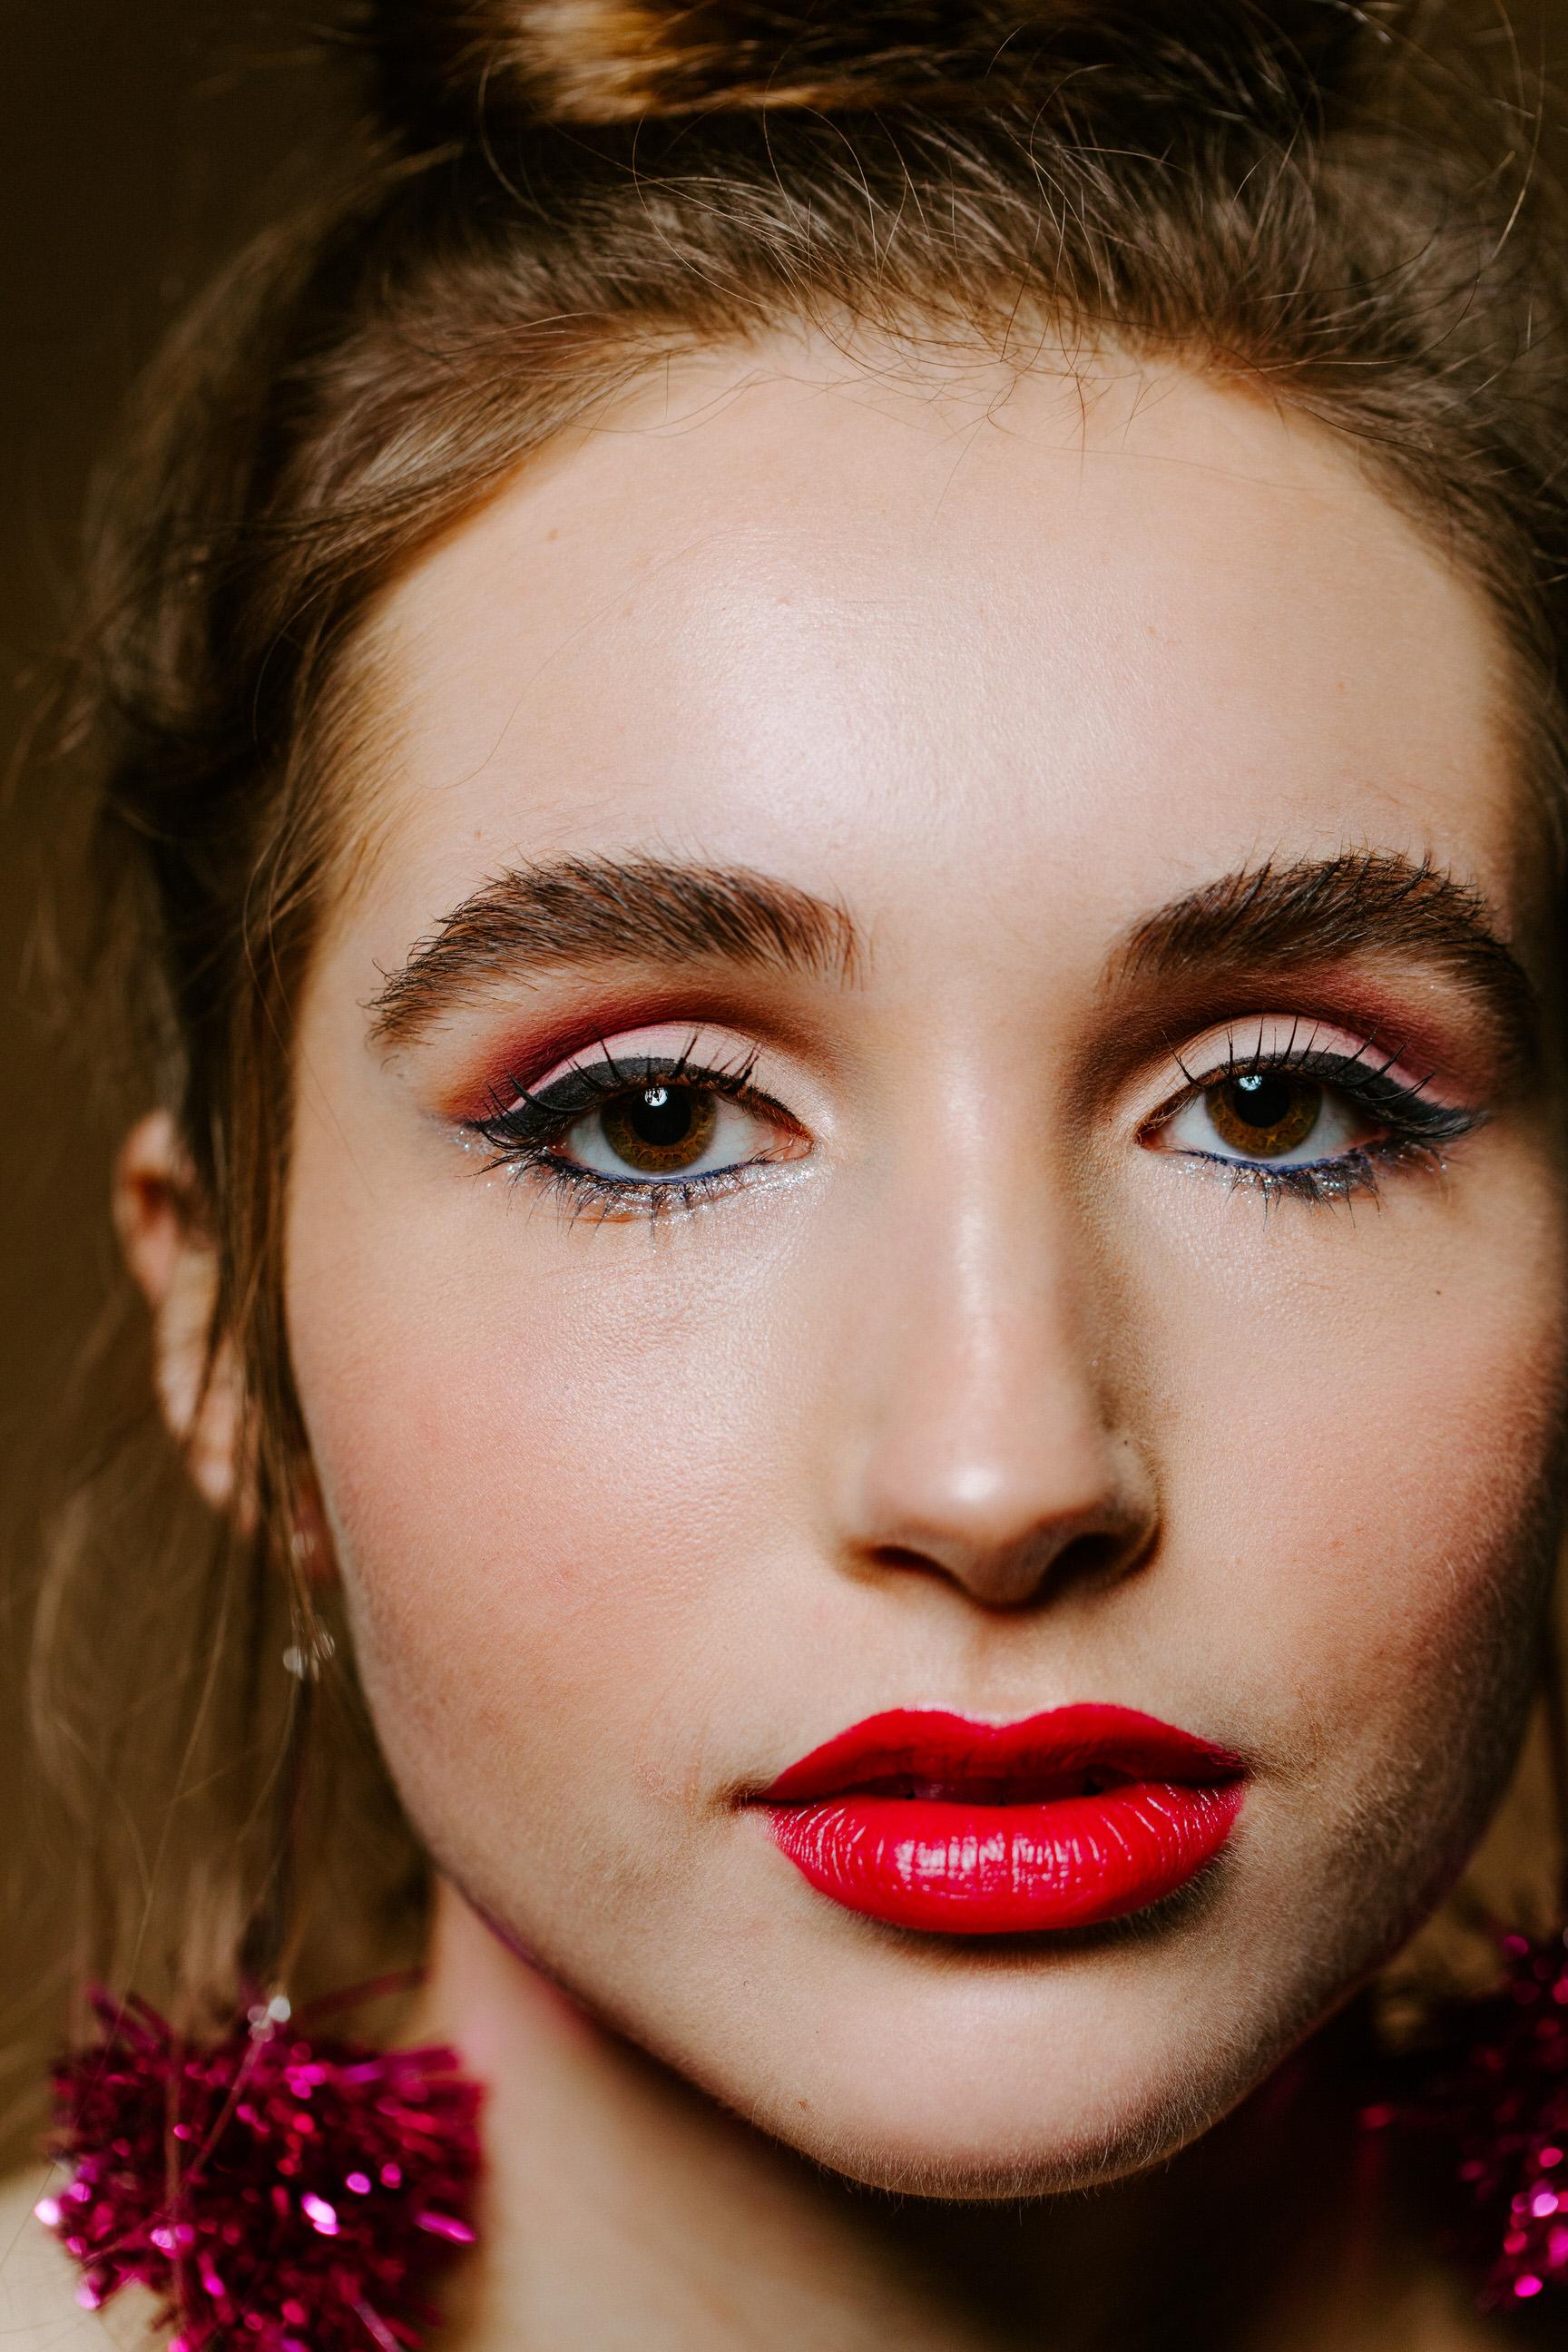 rebekah-earrings-8918.jpg